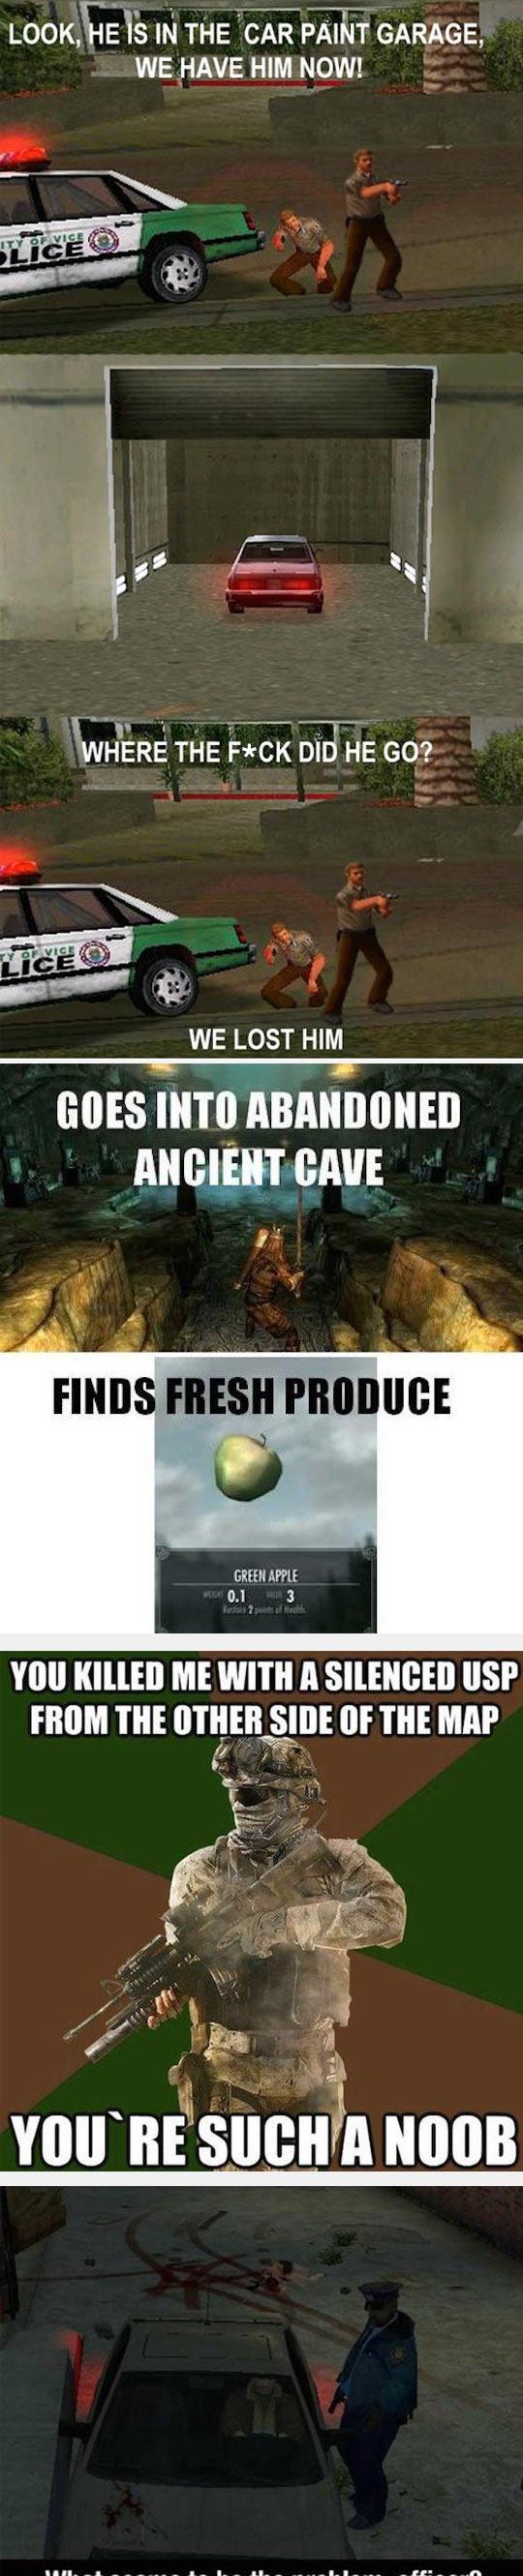 funny-video-game-GTA-logic-police